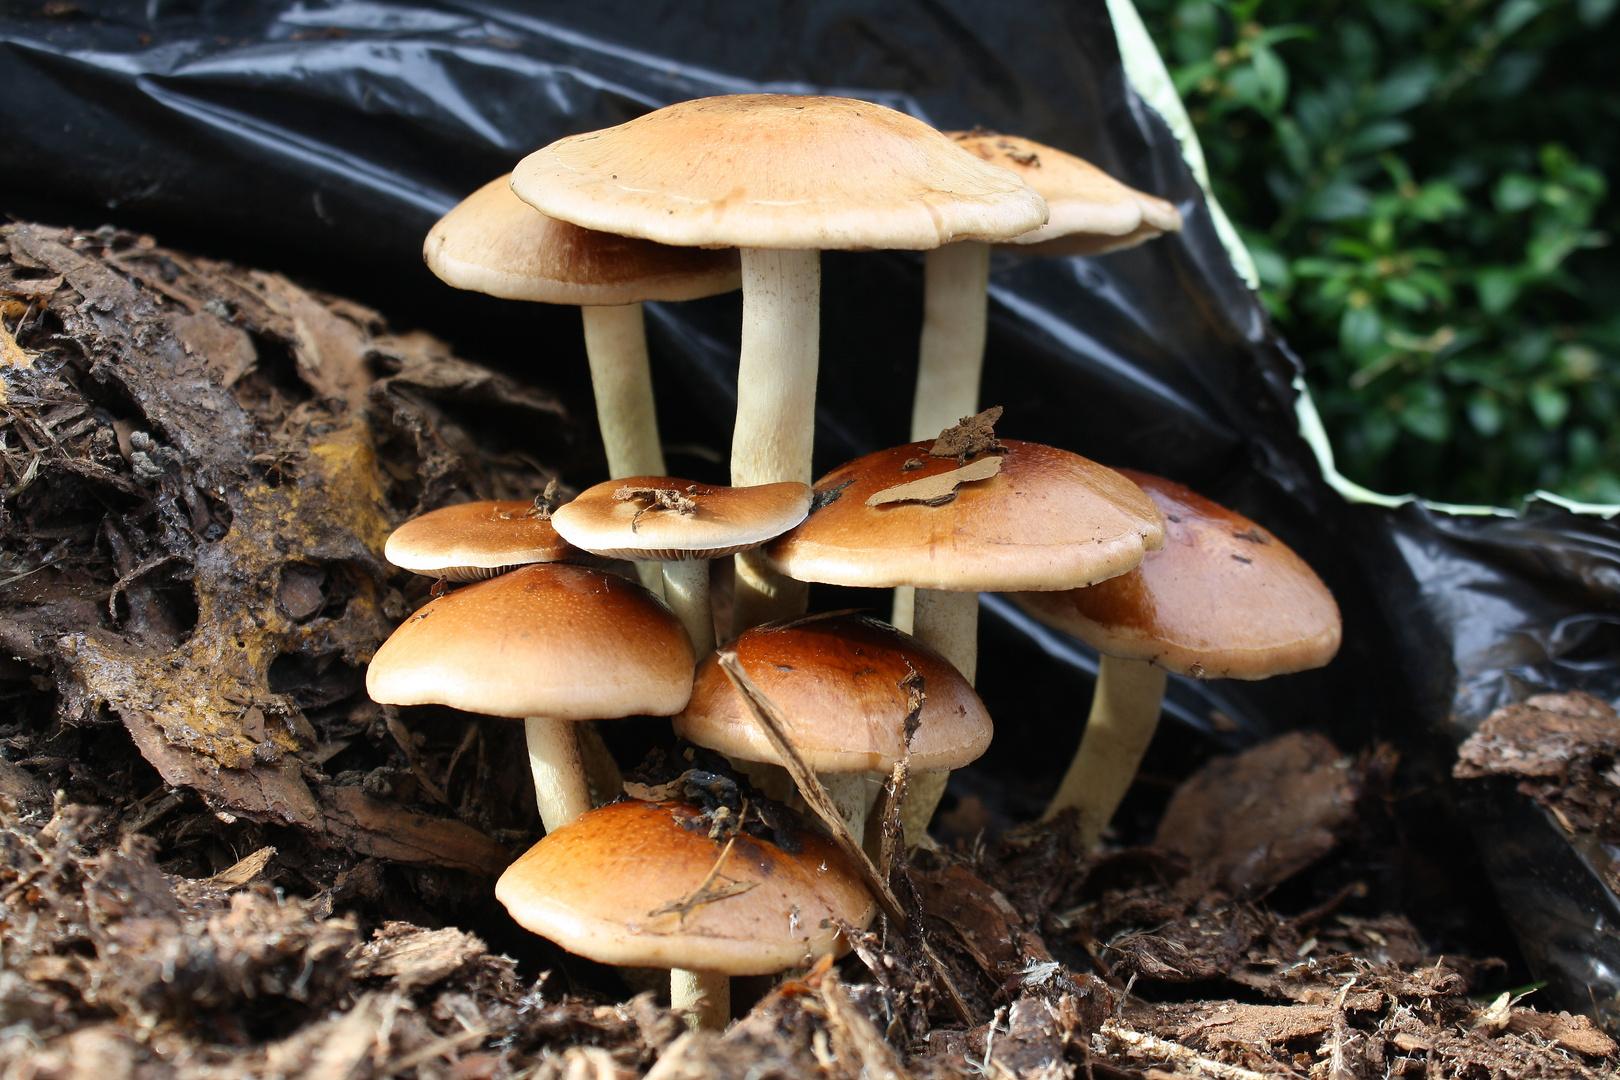 Geliebte Pilze auf Rindenmulch Foto & Bild   pflanzen, pilze & flechten &RZ_26